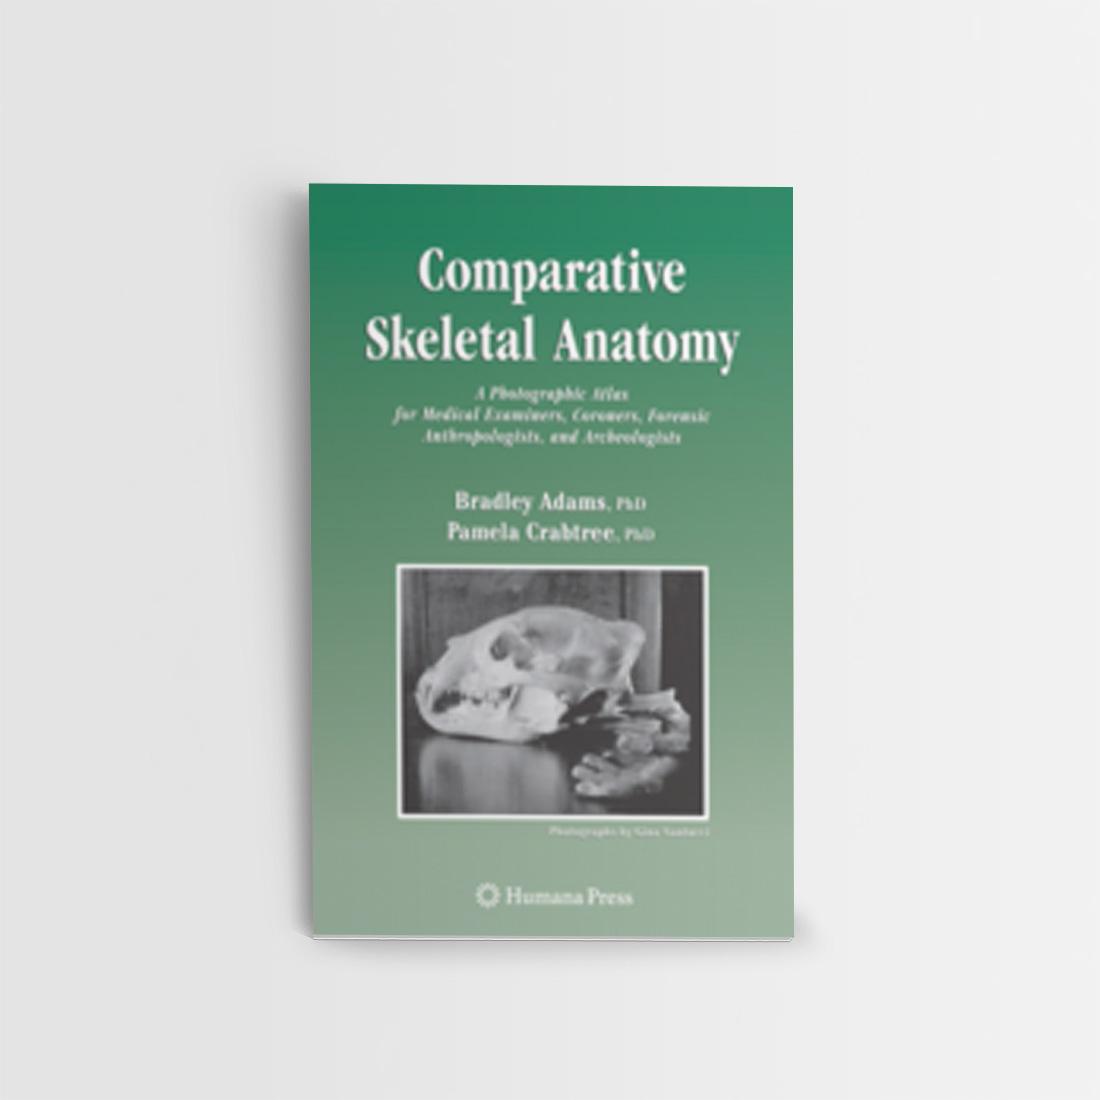 Comparative Skeletal Anatomy - Enea Brivio